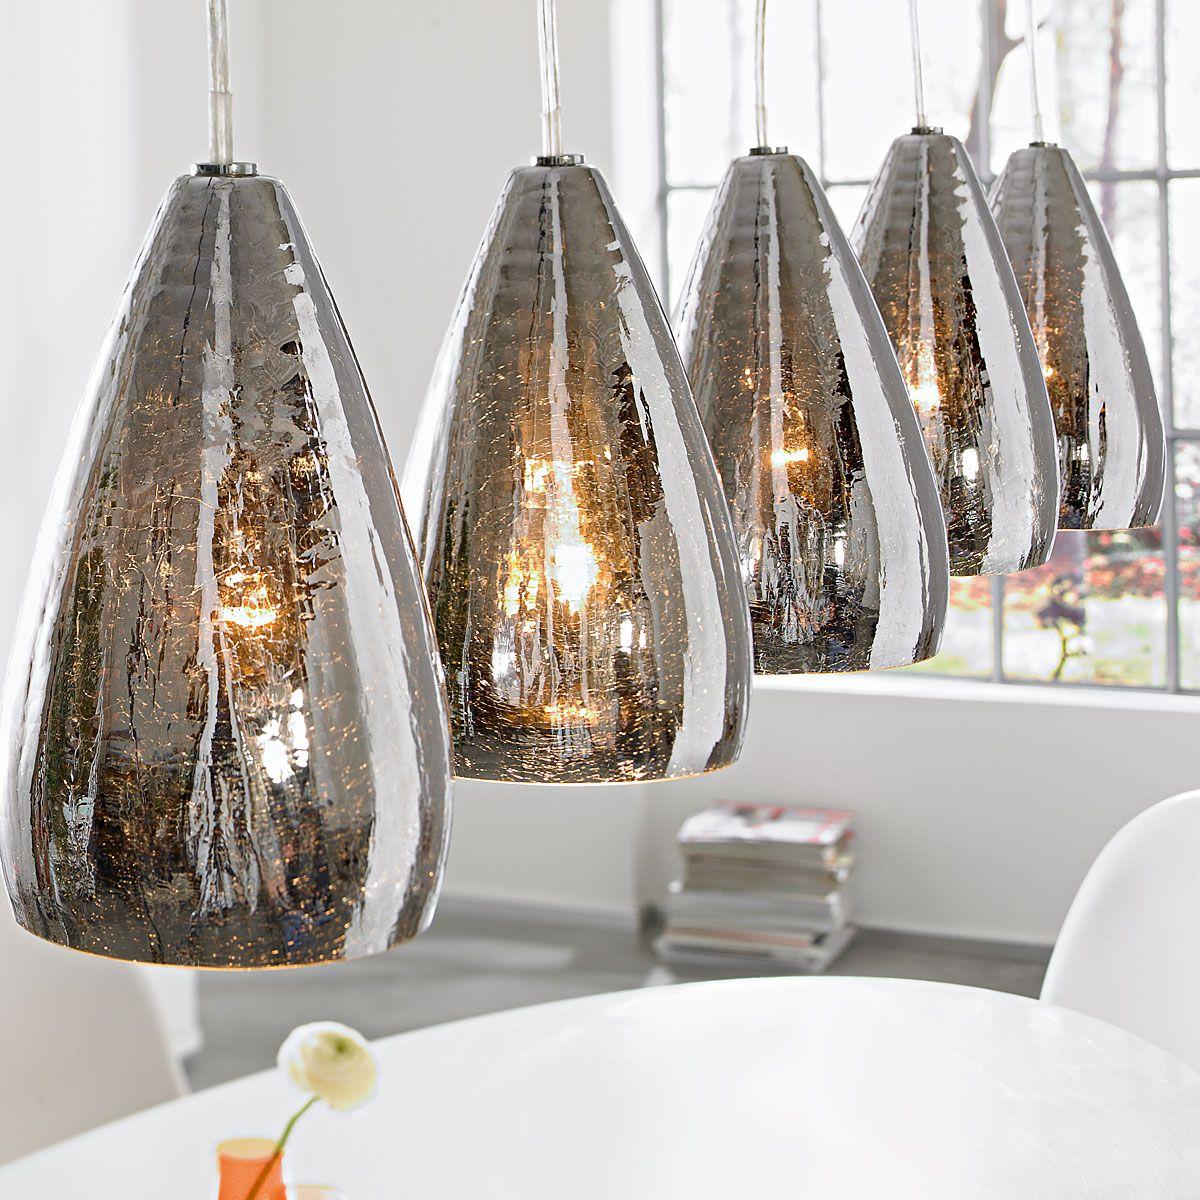 Full Size of Lampen Für Küche Einbauküche Günstig Singleküche Mit E Geräten Elektrogeräten Pentryküche Wasserhähne Zusammenstellen Holzbrett Industrielook Wohnzimmer Lampen Für Küche